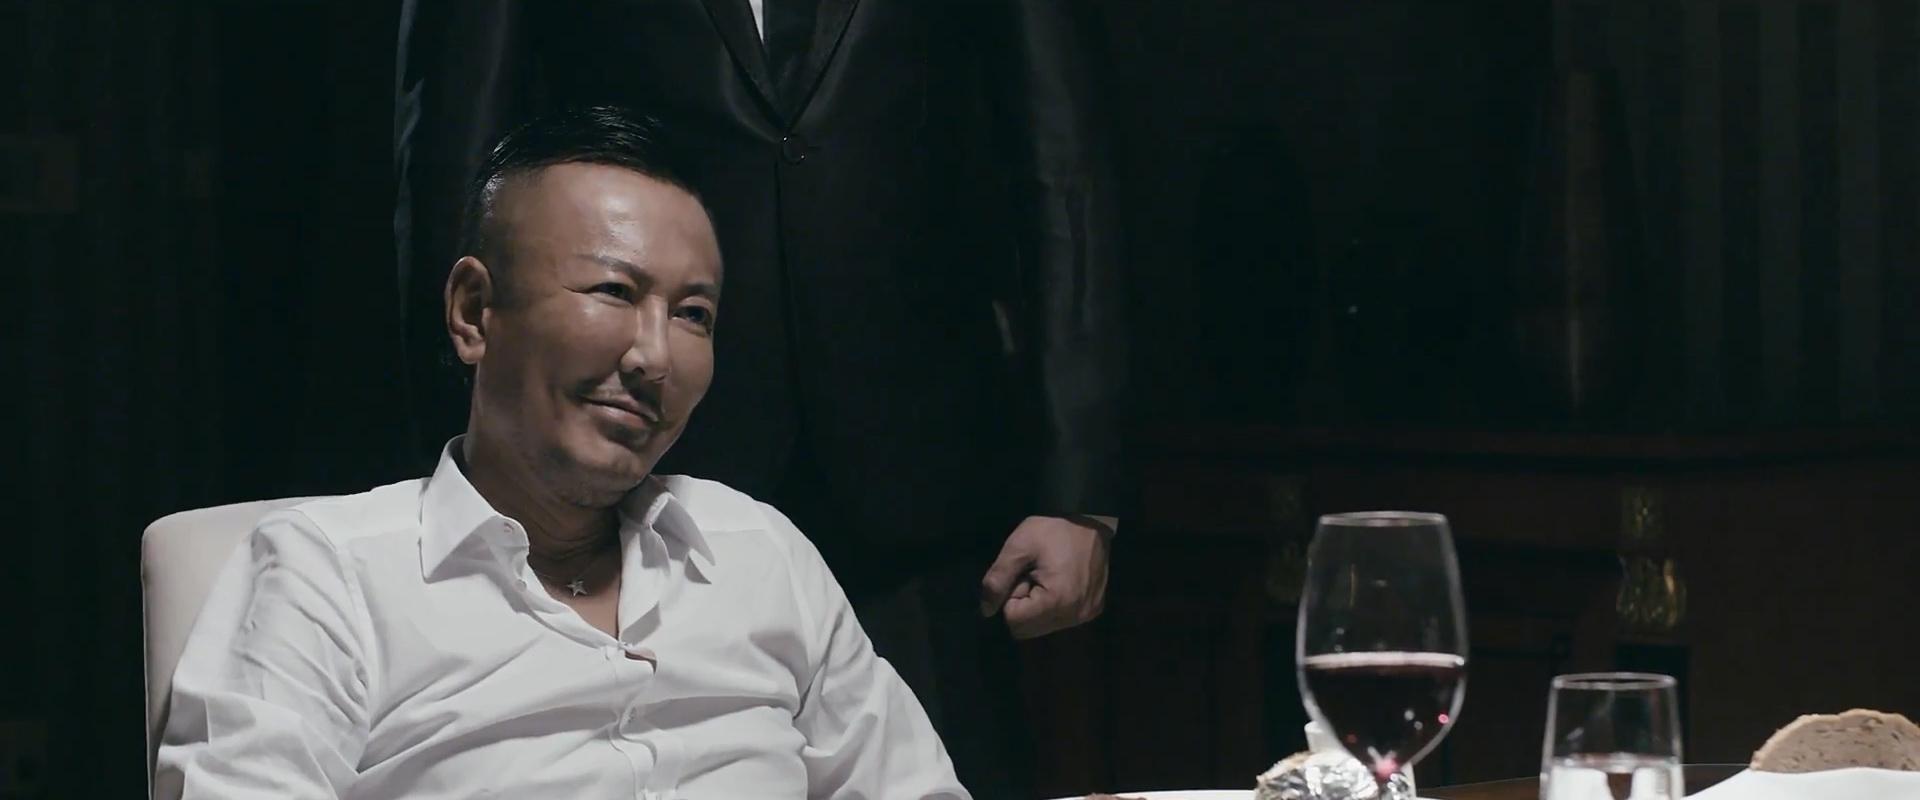 《人中之龍 極》韓文版預定 5 月推出 總監督名越稔洋以黑道大哥扮相客串演出廣告《Yakuza Kiwami》 - 巴哈姆特